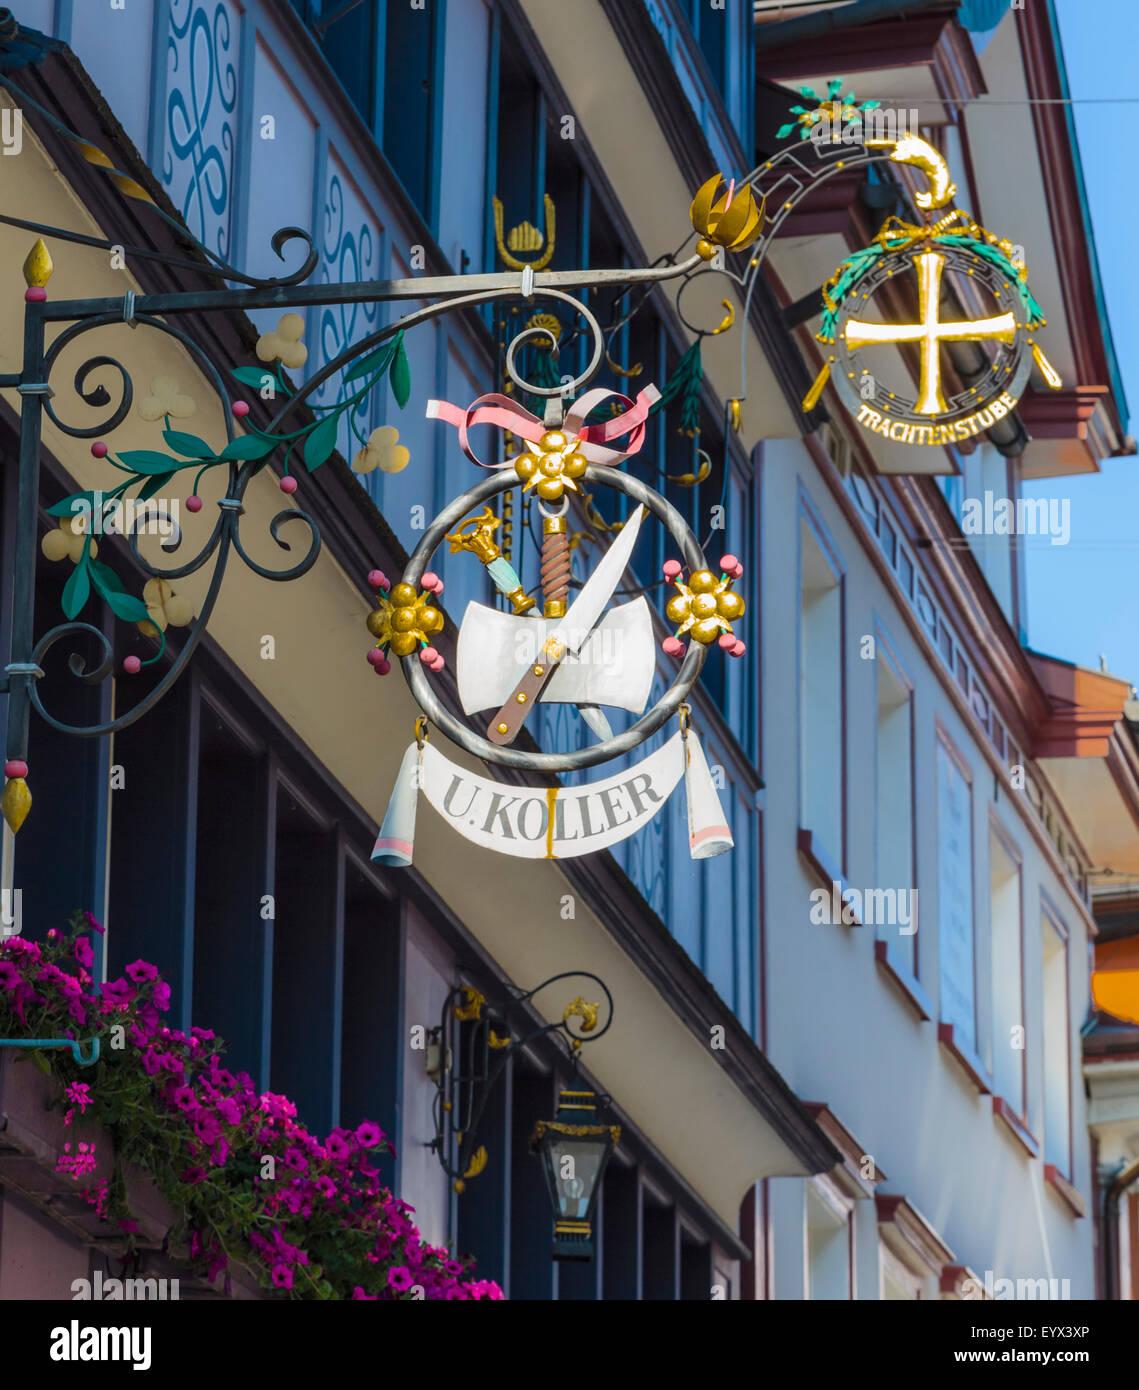 Appenzell, Appenzell Rhodes-Intérieures Canton, Suisse. Signer en face de Koller dans la boucherie Hauptgasse. Photo Stock